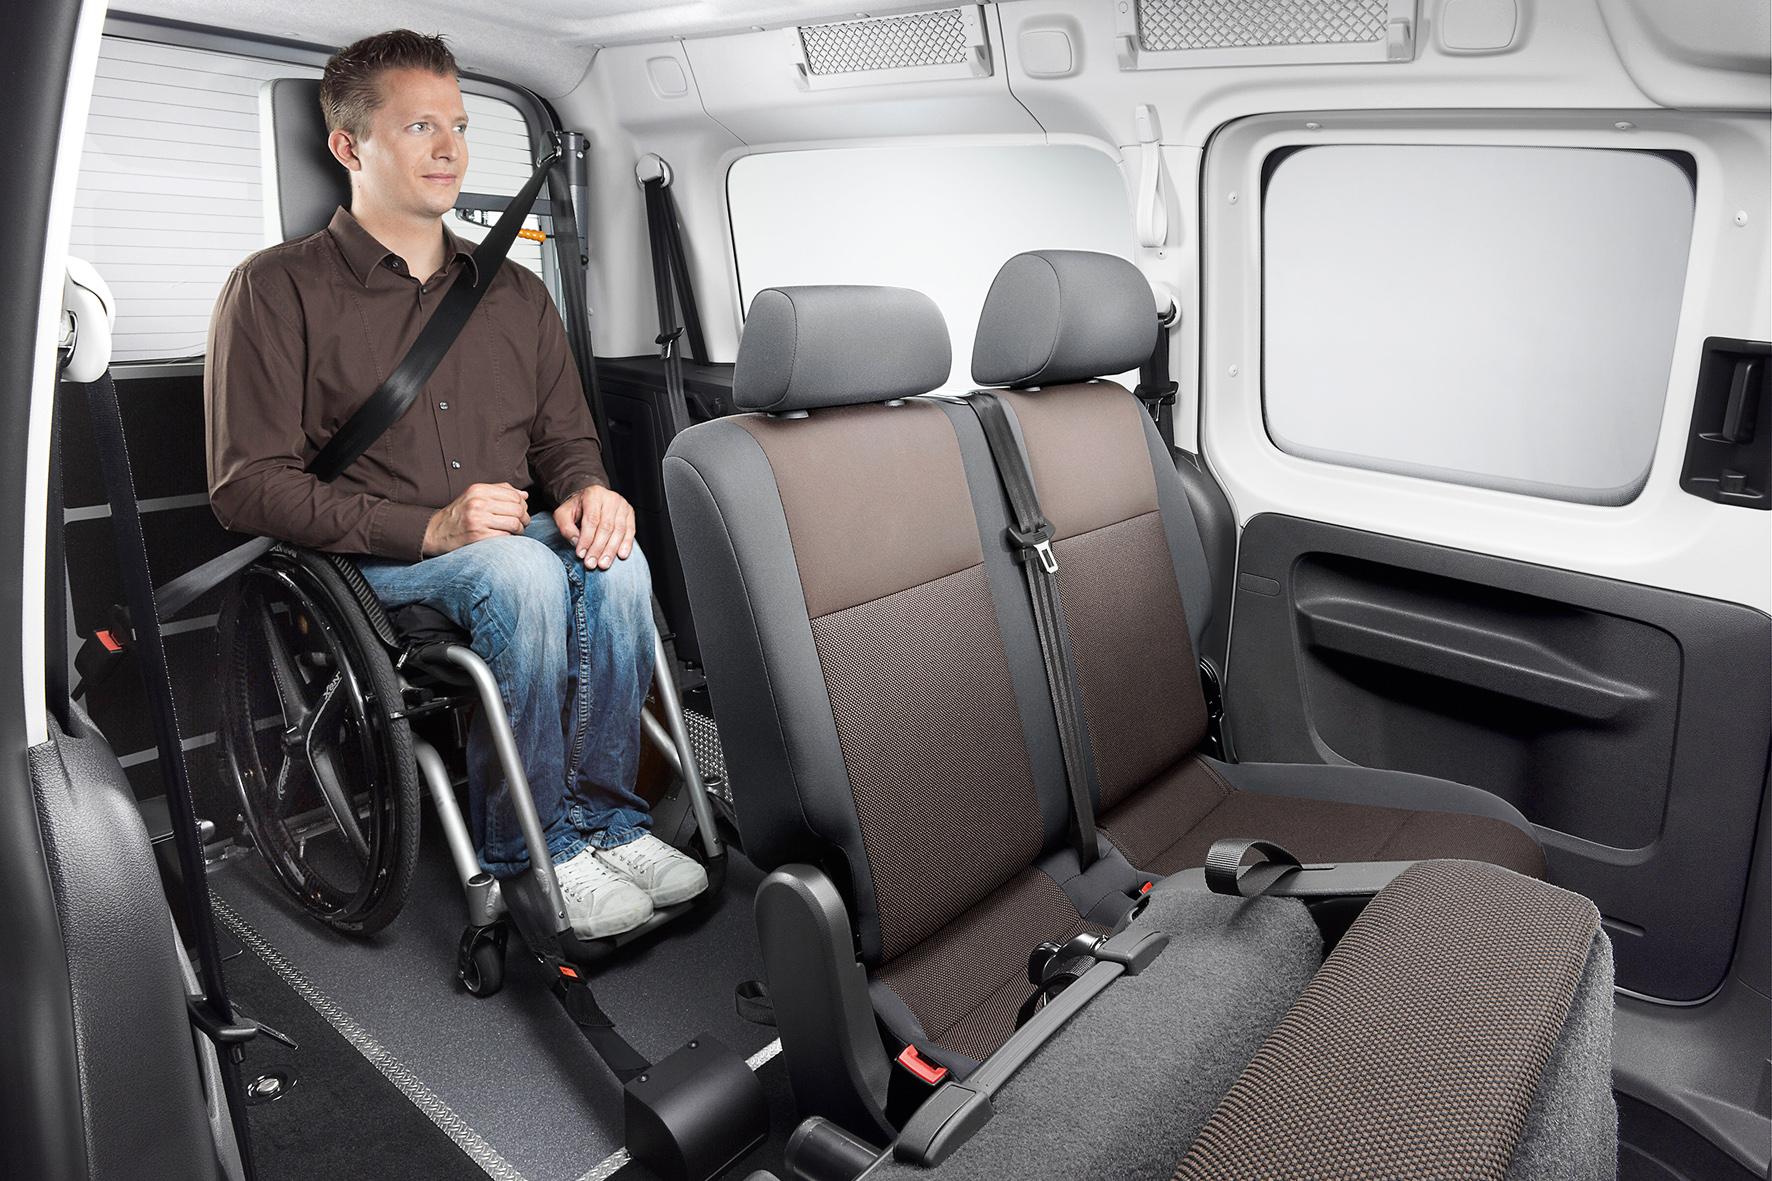 Altenpflege 2015: Mit dem Rollstuhl in den VW Caddy